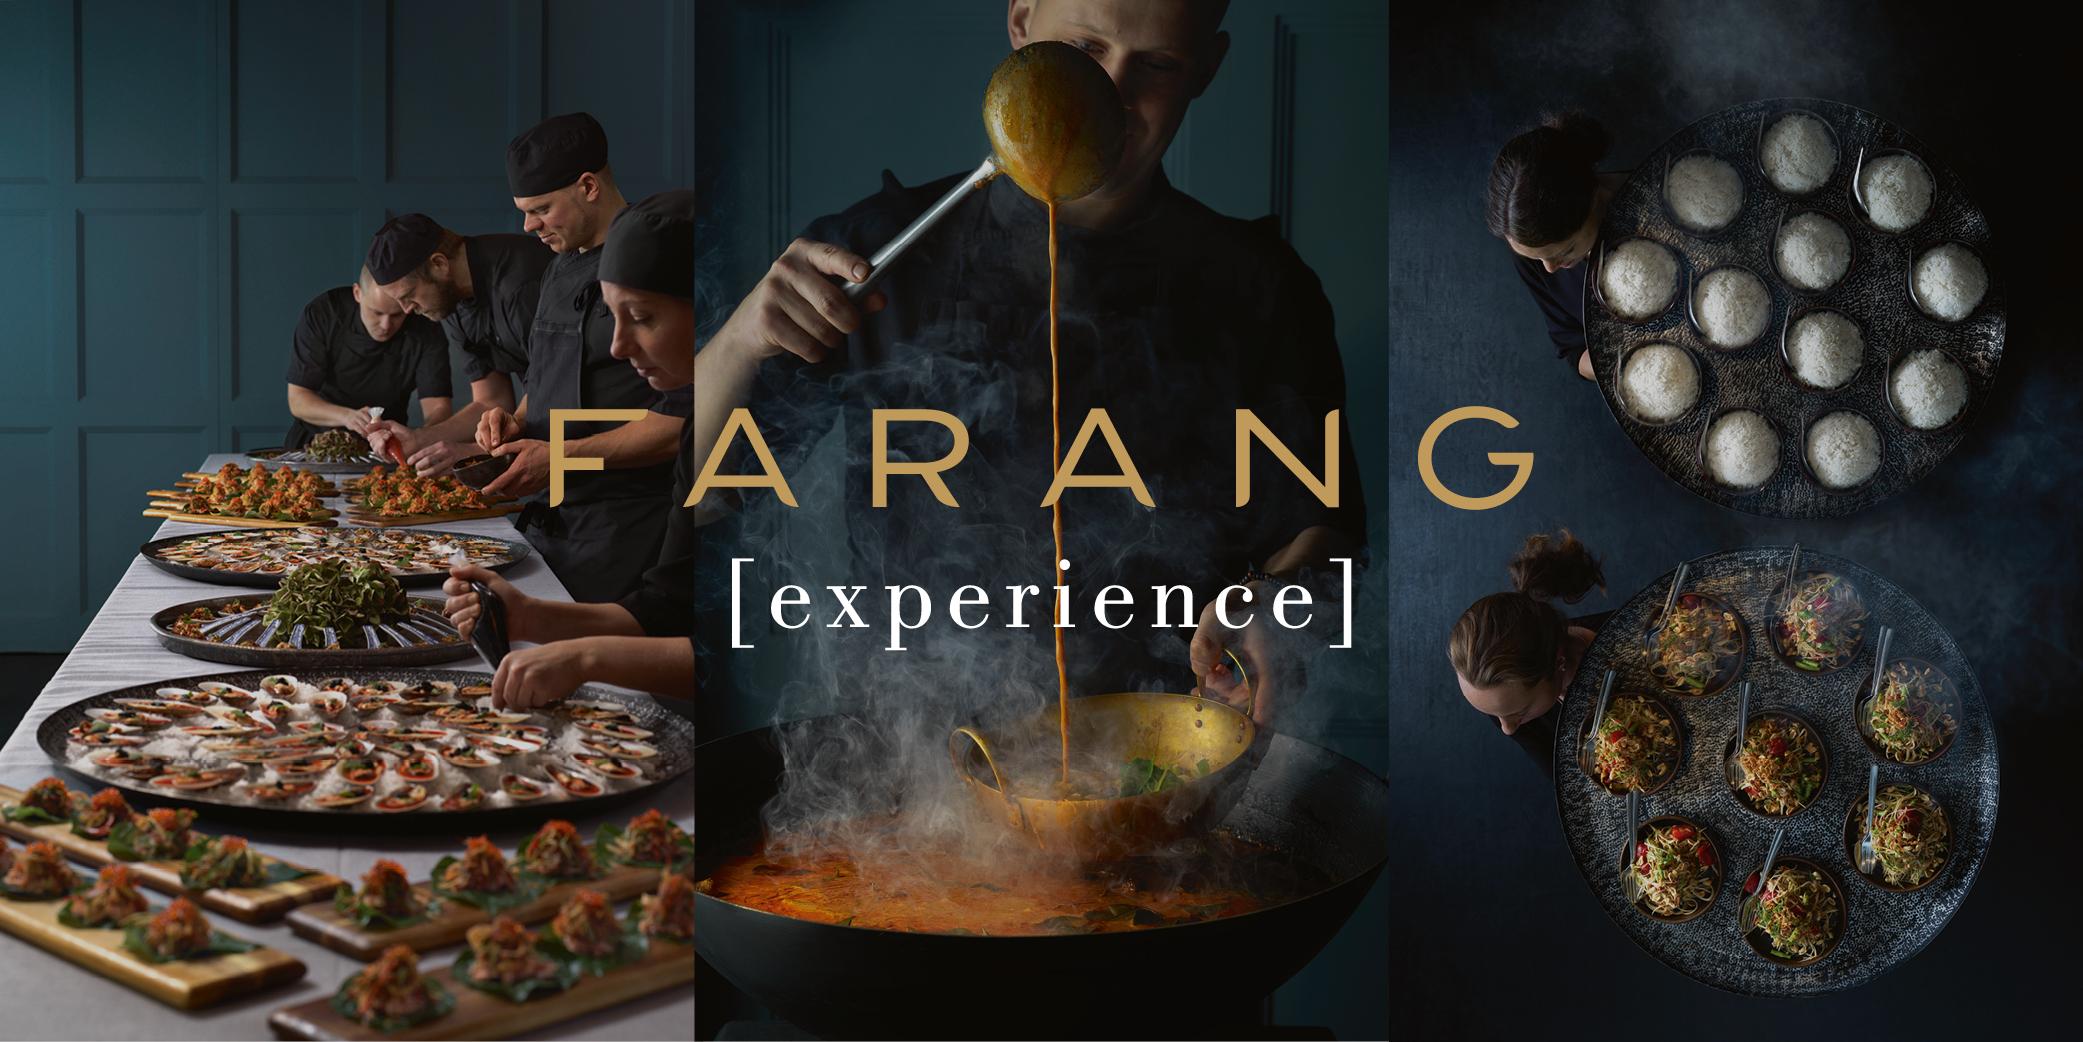 farang_experience_bildkälla_Charlie_Drevstam.jpg